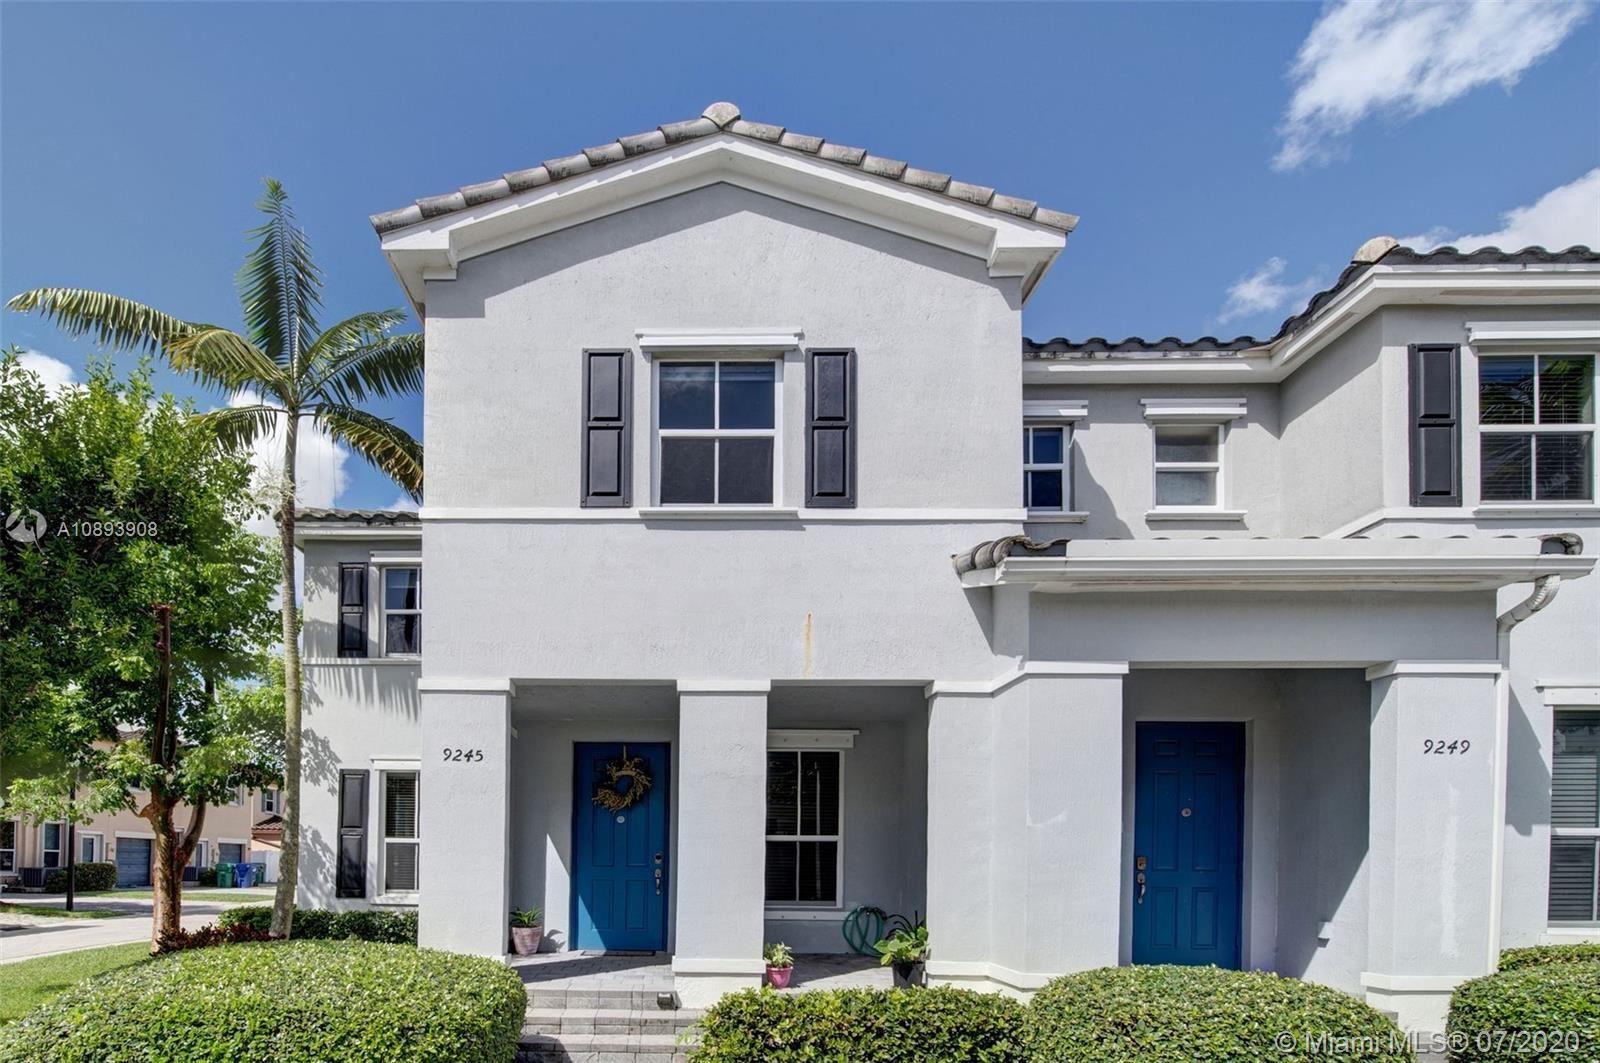 9245 SW 169th Psge #9245, Miami, FL 33196 - #: A10893908